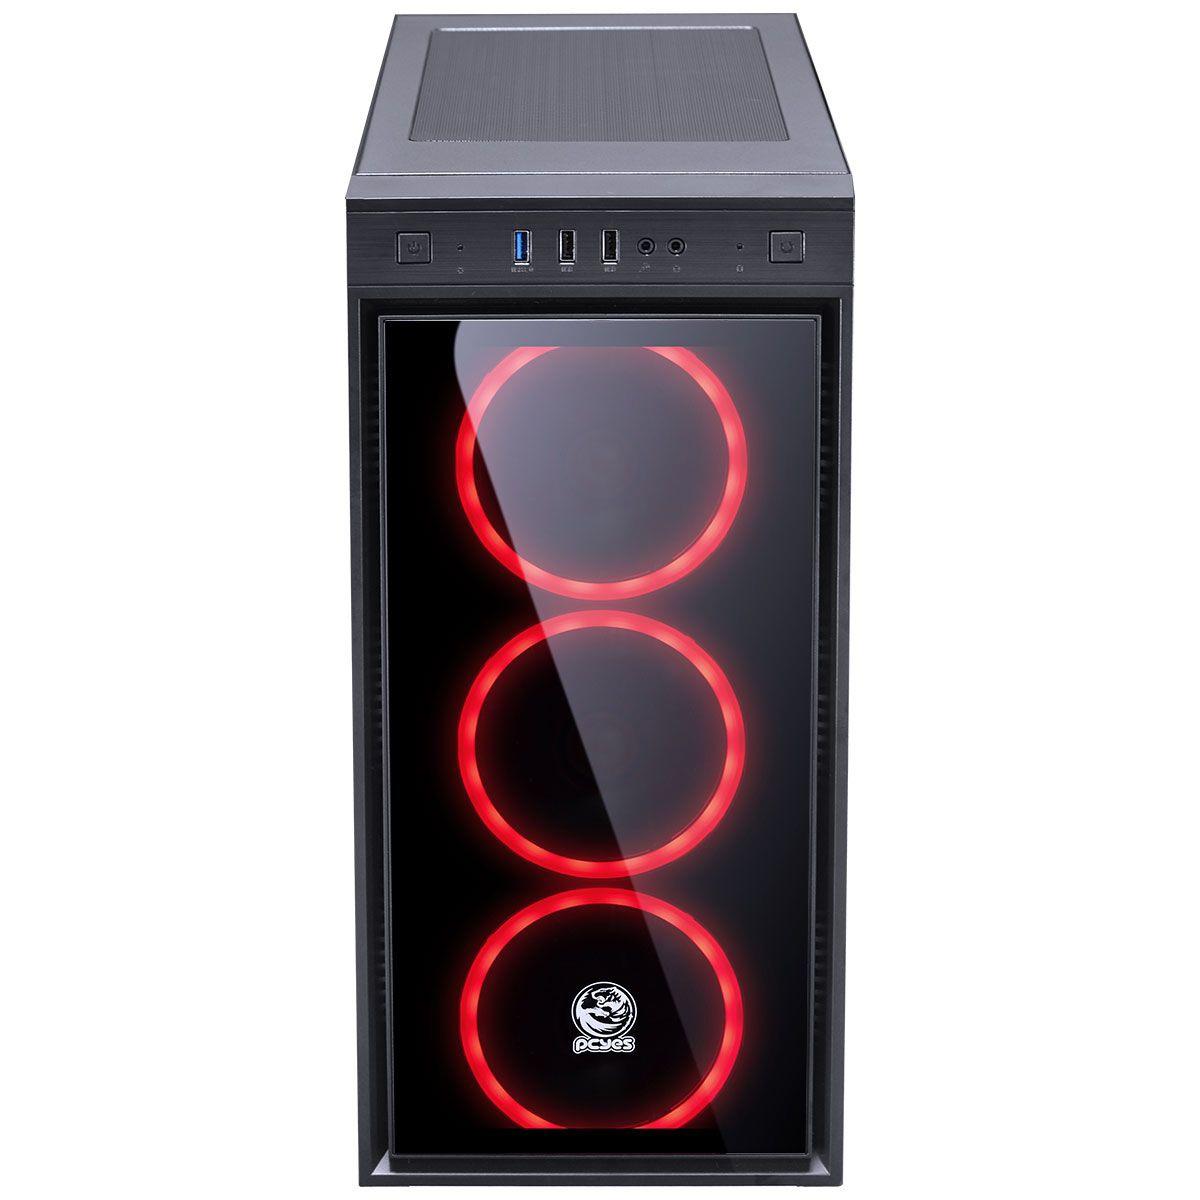 Gabinete Gamer PCyes Jupiter, Mid Tower, Com 3 Fans Red, Vidro Temperado, Black, S-Fonte  JUPPTVM3FCV